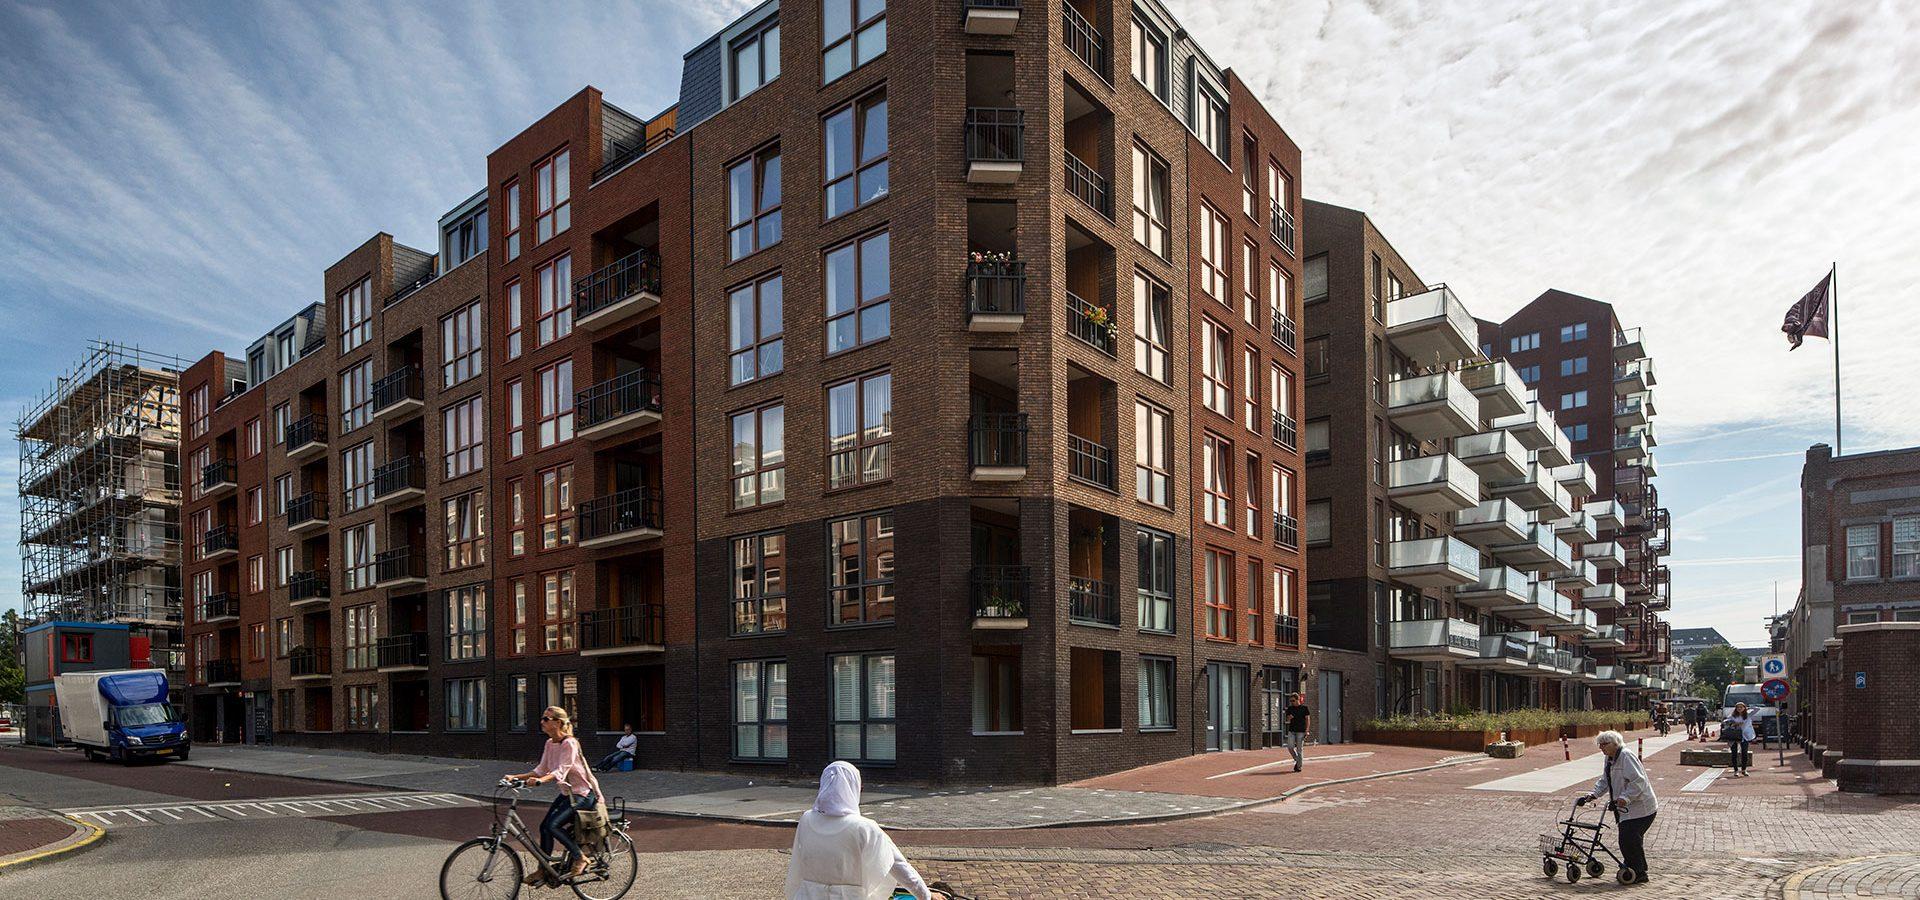 FARO architecten Kwintijn fase 2 Amsterdam 05